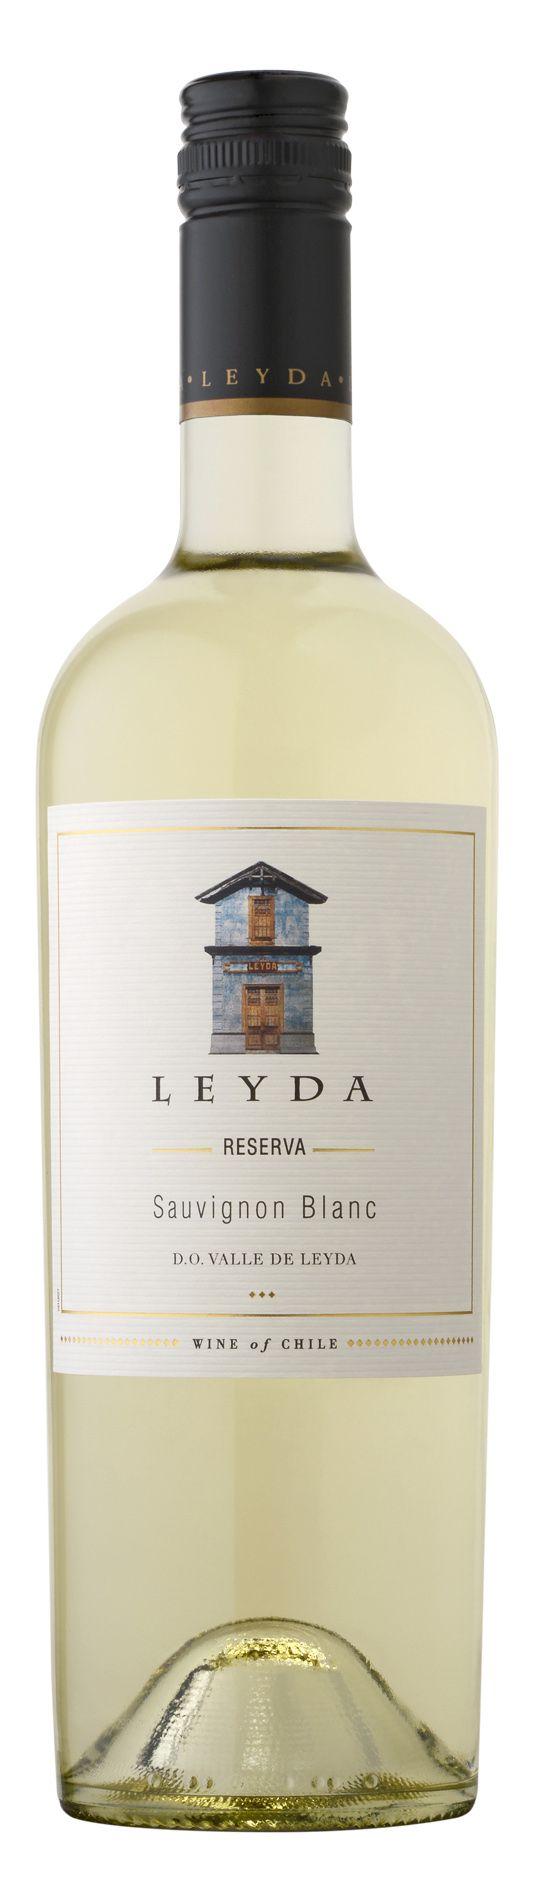 Vinho Leyda Reserva Sauvignon Blanc